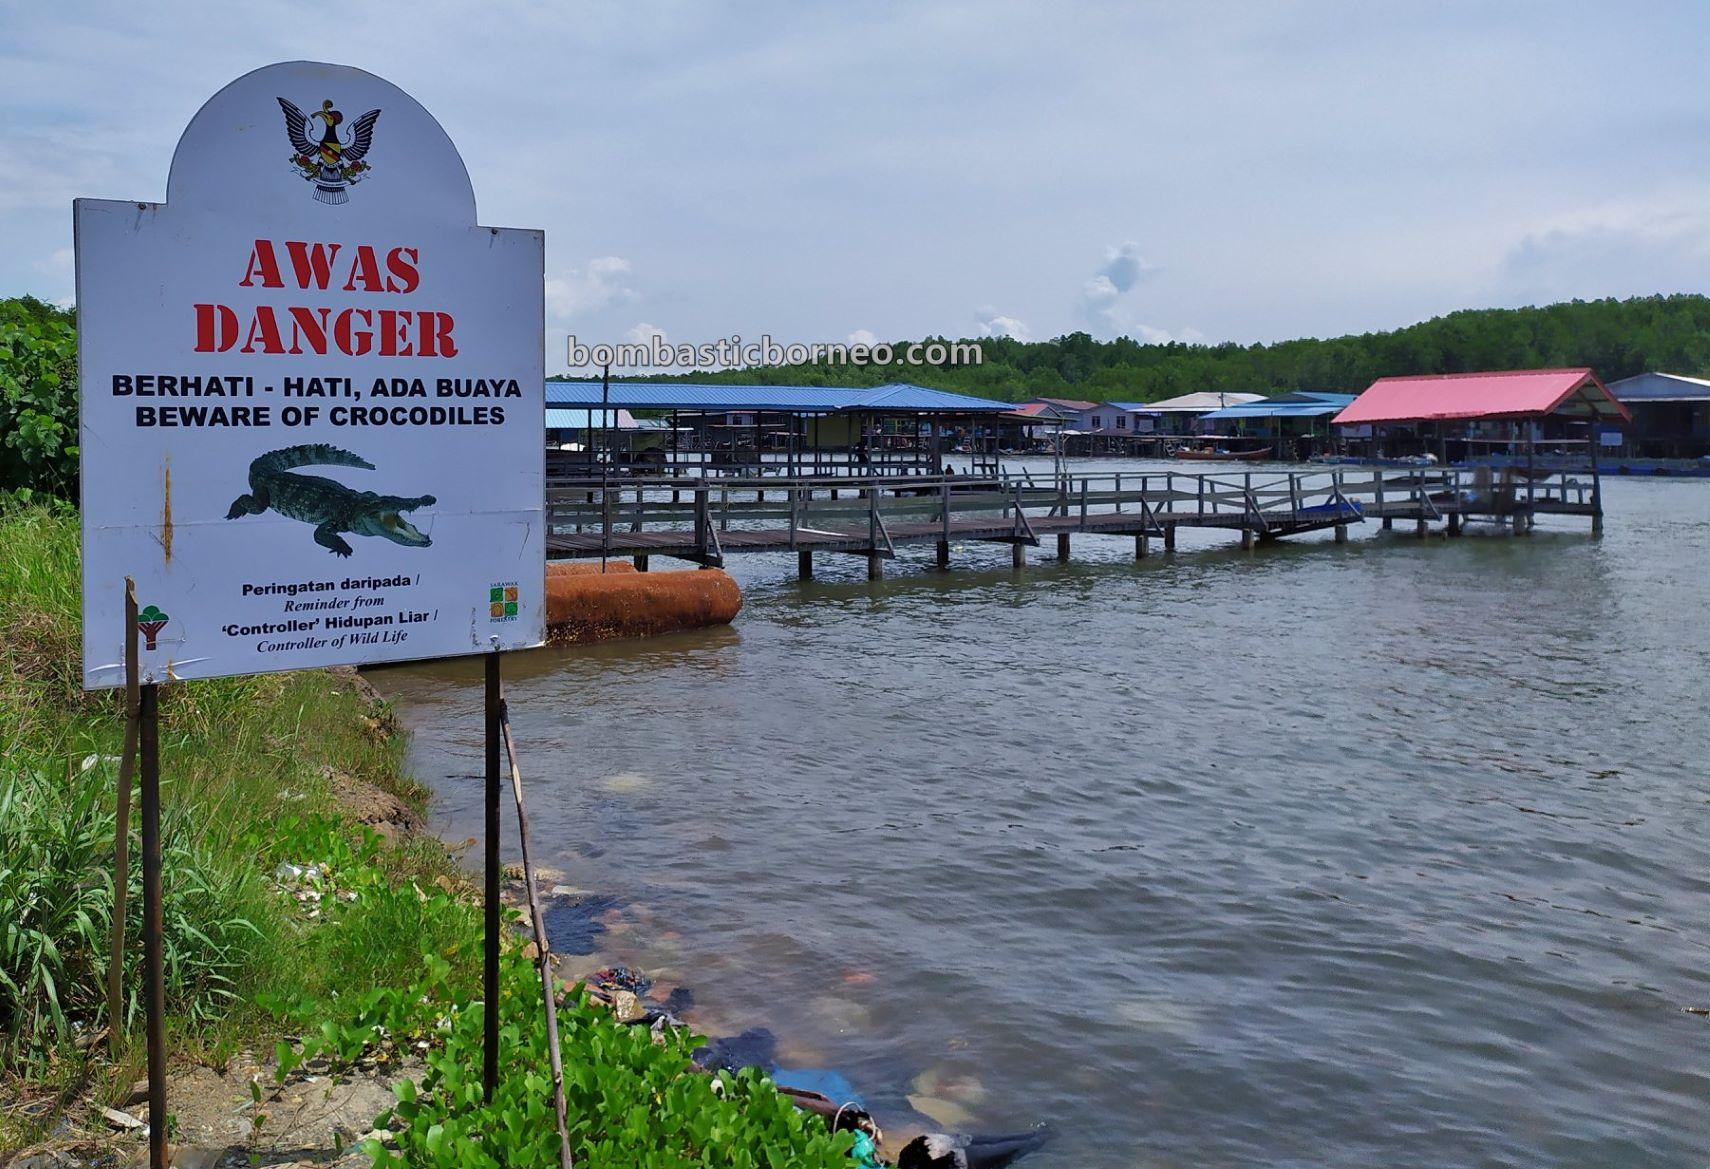 Tarikan pelancong, Kampung Awat-Awat, Malay village, Kampung Melayu, adventure, exploration, backpackers, Lawas, Limbang, Malaysia, Sarawak, Tourism, tourist attraction, travel guide, Borneo,